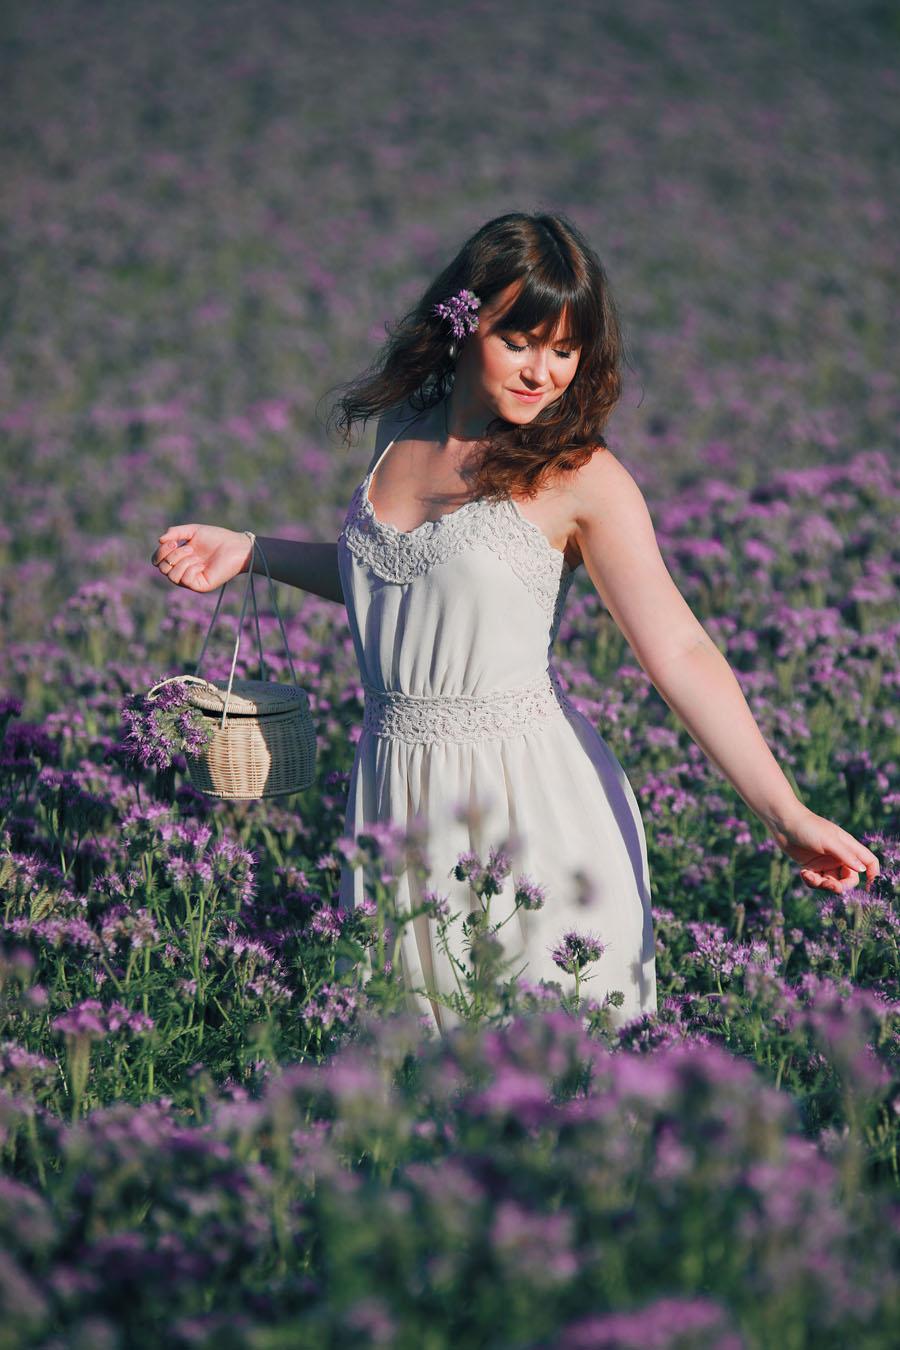 Romantischer Sommerlook mitten im Blumenmeer